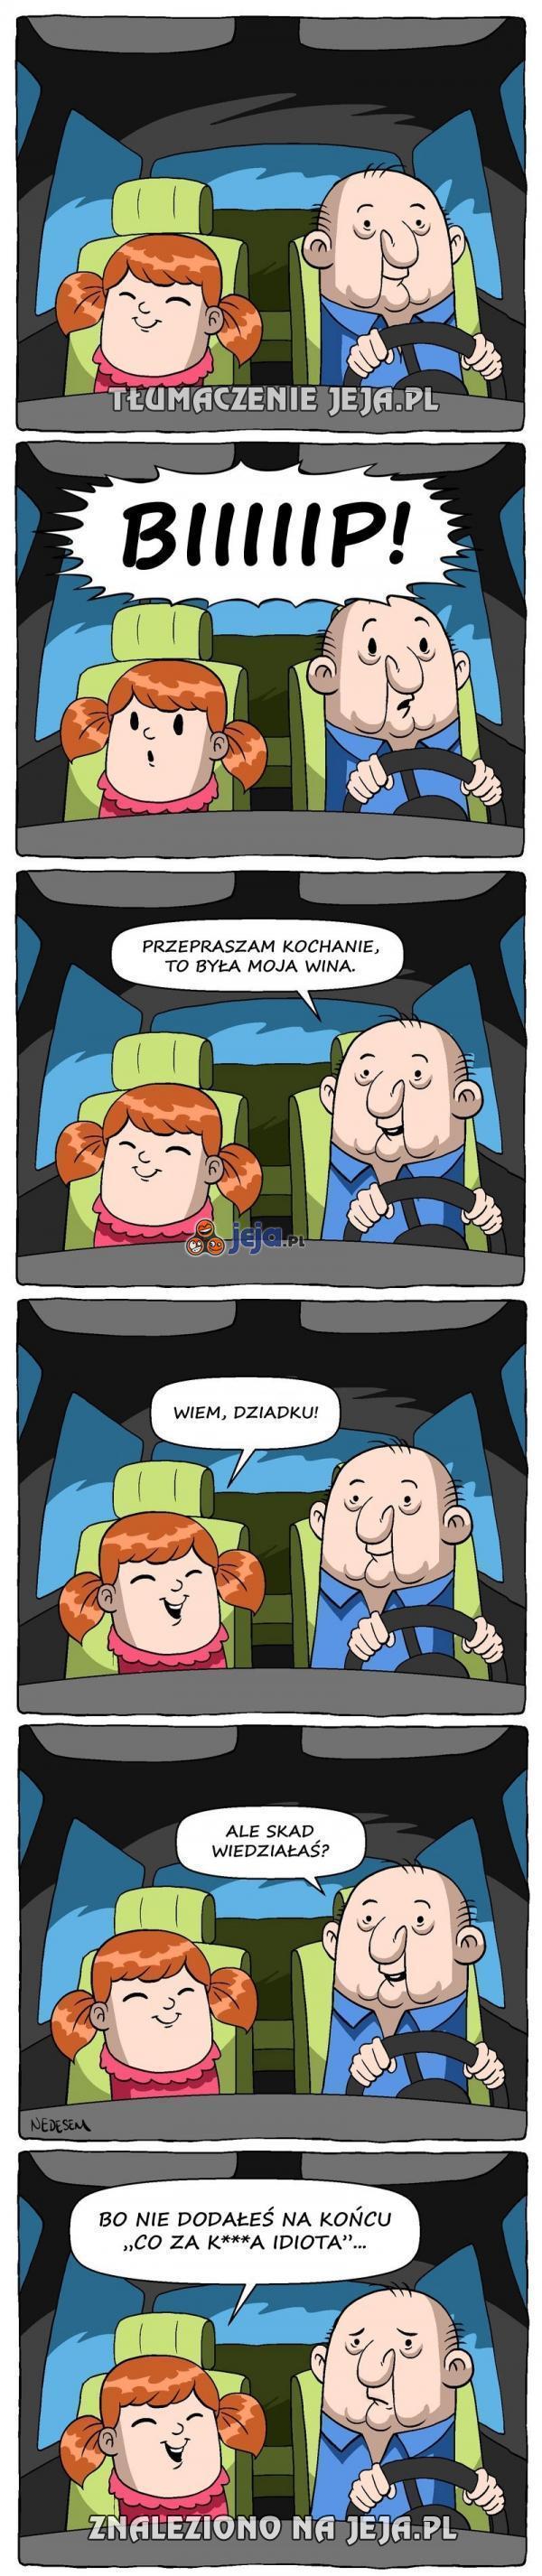 Milczenie kierowcy mówi wszystko...